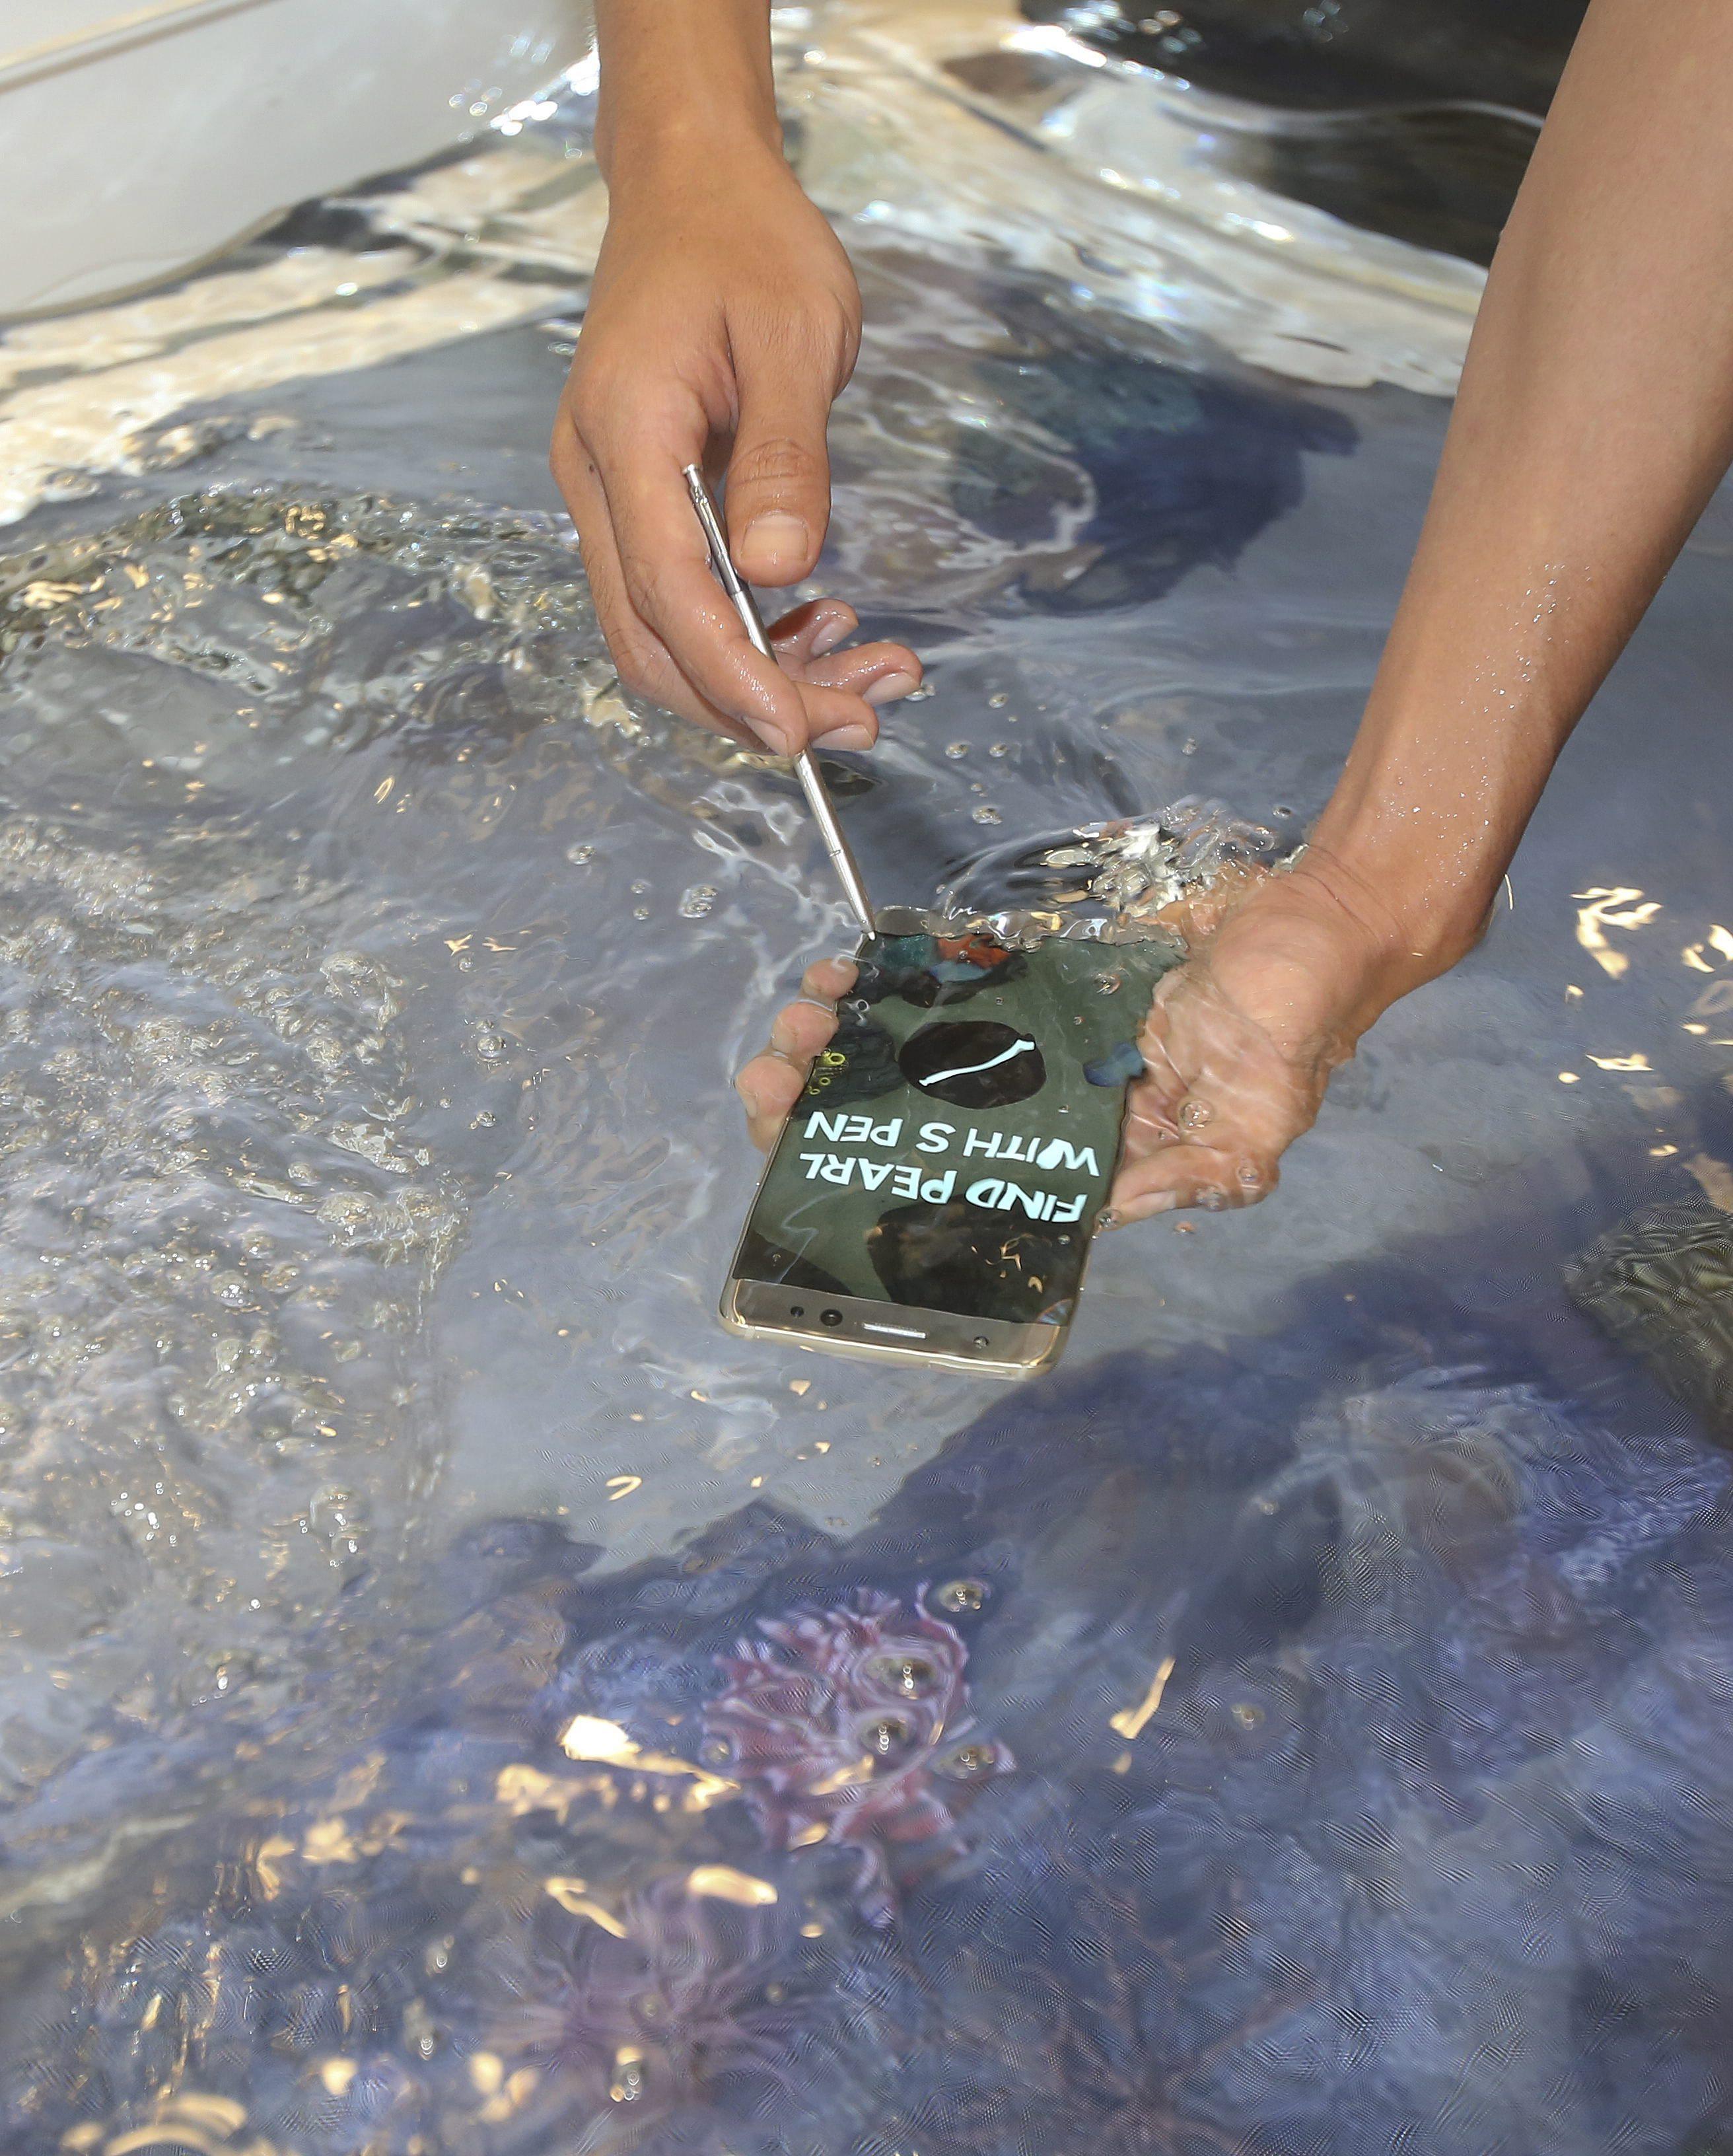 KHC09 SEÚL (COREA DEL SUR) 11/08/2016.- Un hombre prueba bajo el agua el Galaxy Note 7, el nuevo tabléfono de la compañía, un híbrido de tableta y teléfono móvil, en la sede de Samsung en Seúl (Corea del Sur) hoy, 11 de agosto de 2016. El Galaxy Note 7, un tabléfono resistente al agua, ha suscitado mucho interés en el mercado y ya se permite su reserva desde el 6 de agosto de 2016. El nuevo dispositivo saldrá a la venta el próximo 19 de agosto en Corea del Sur. EFE/Kim Hee-Chul